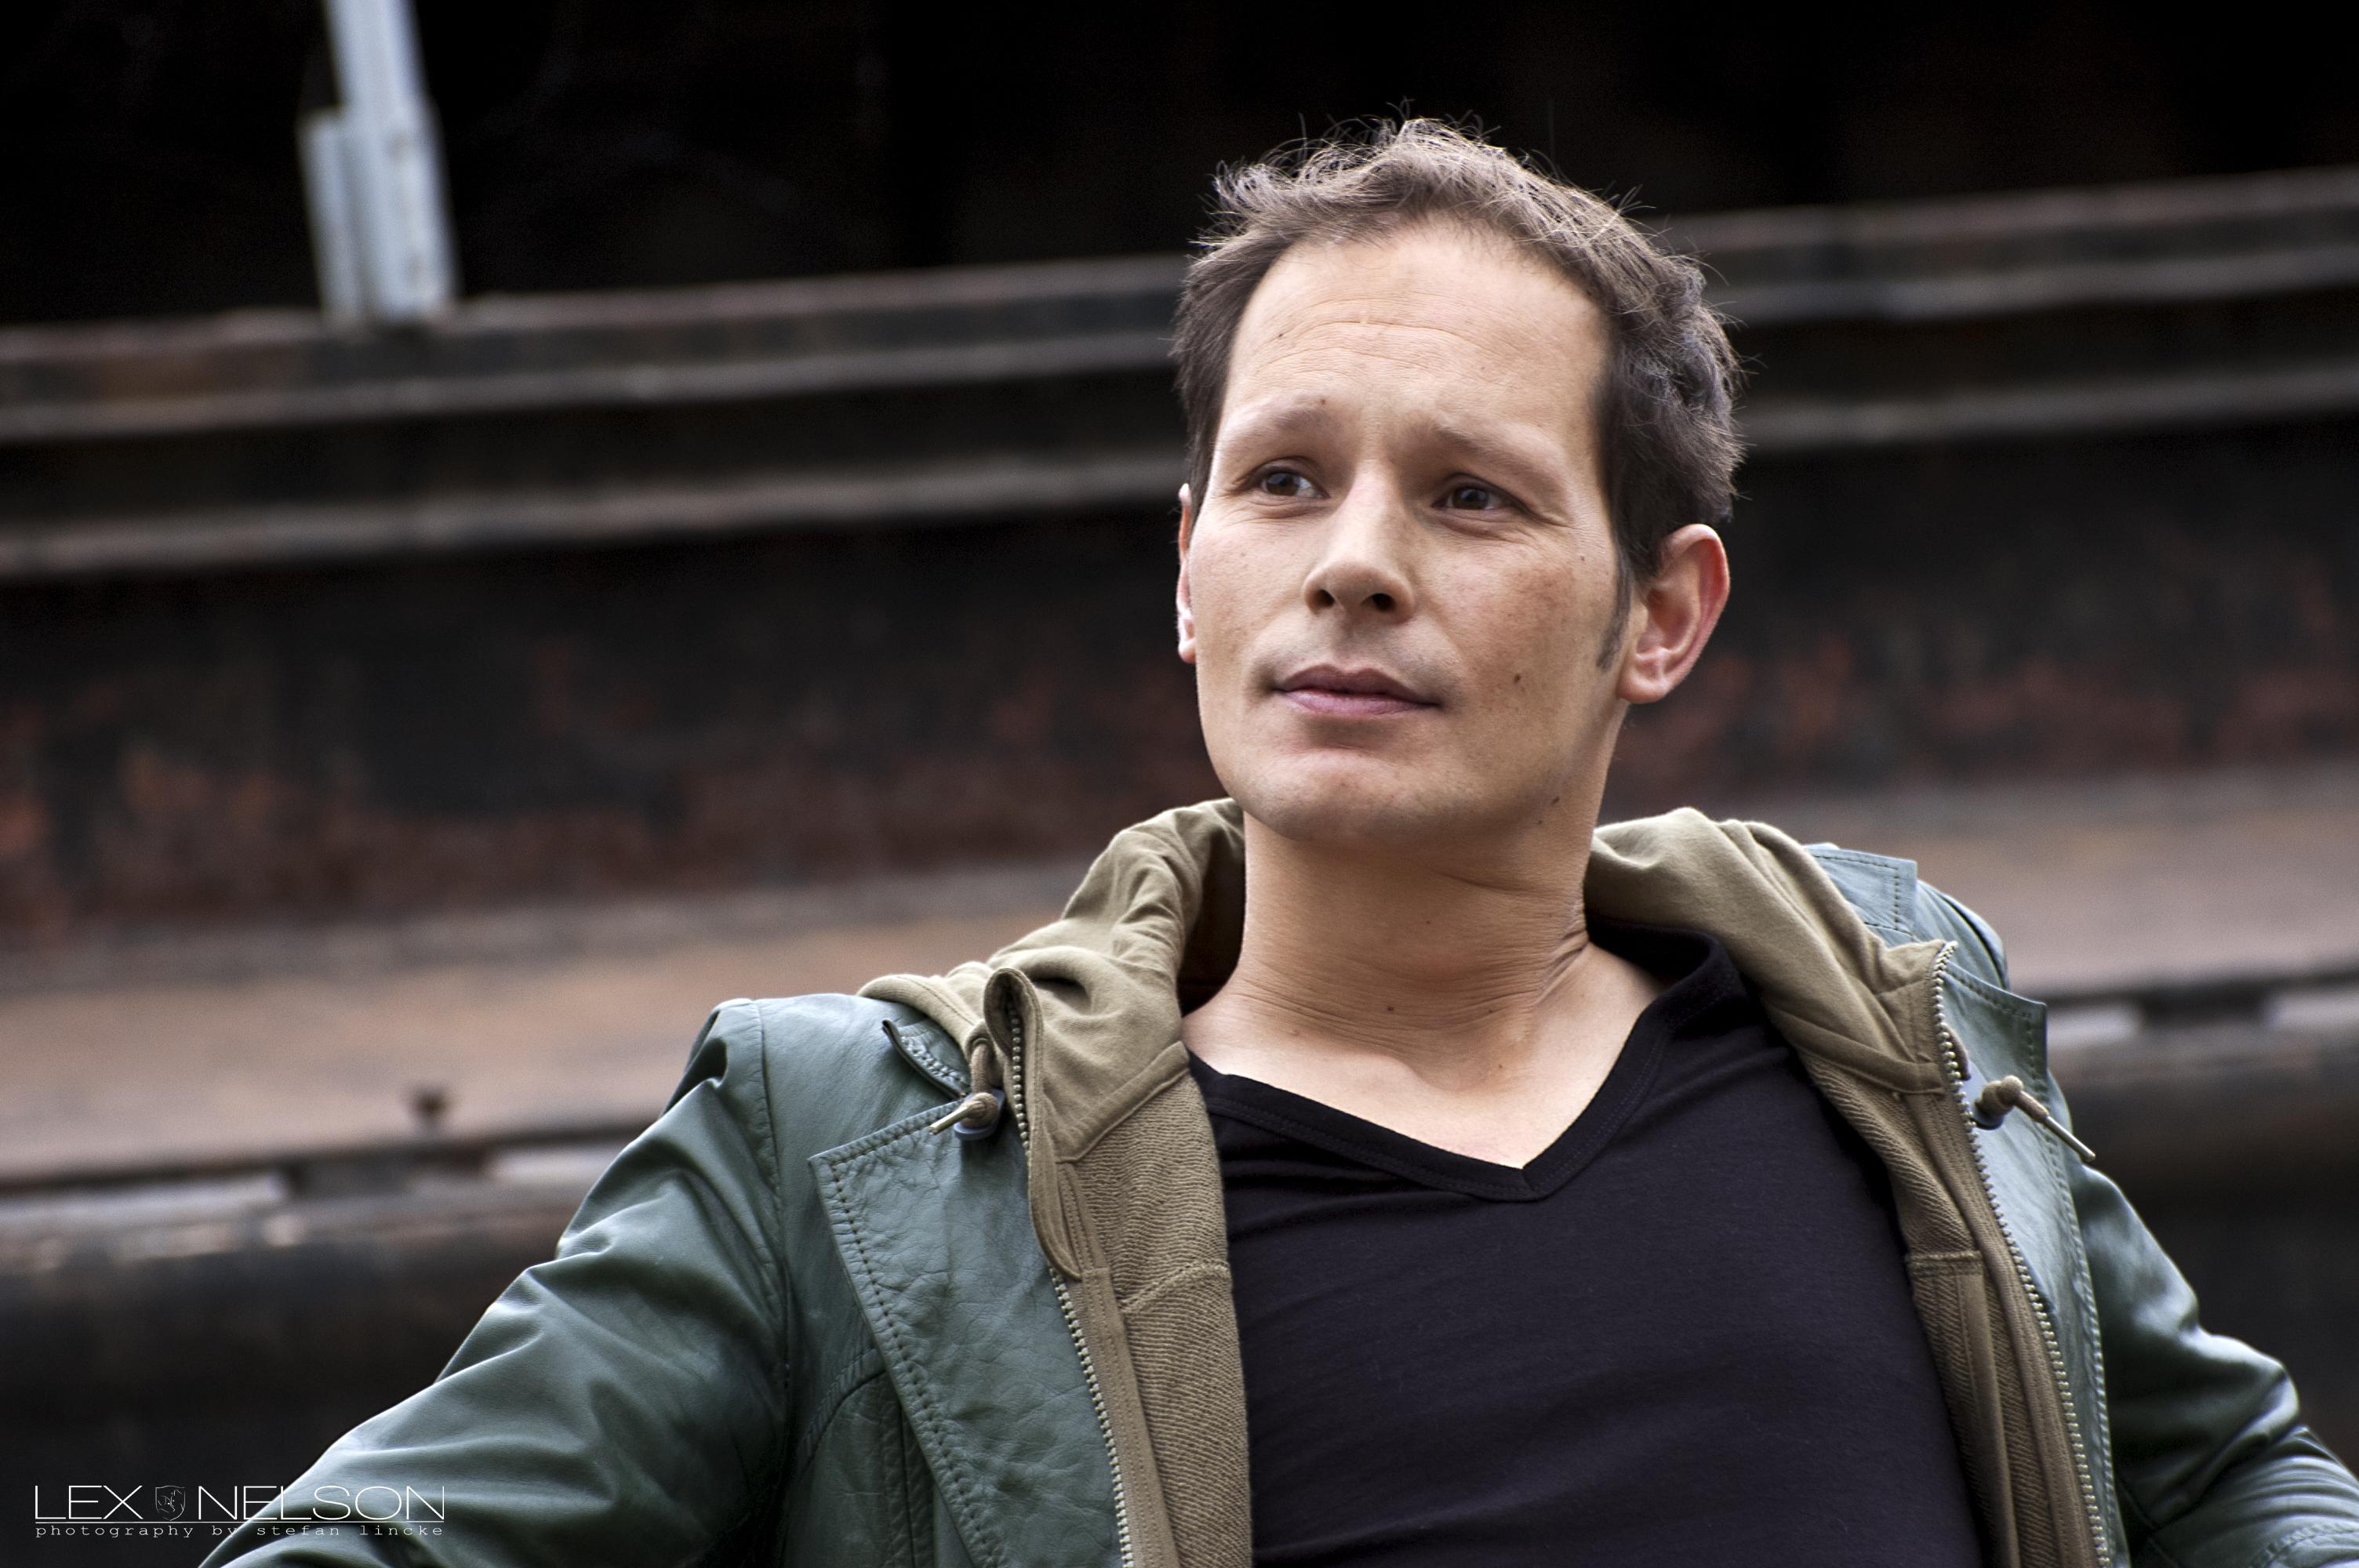 Martin Pass actor